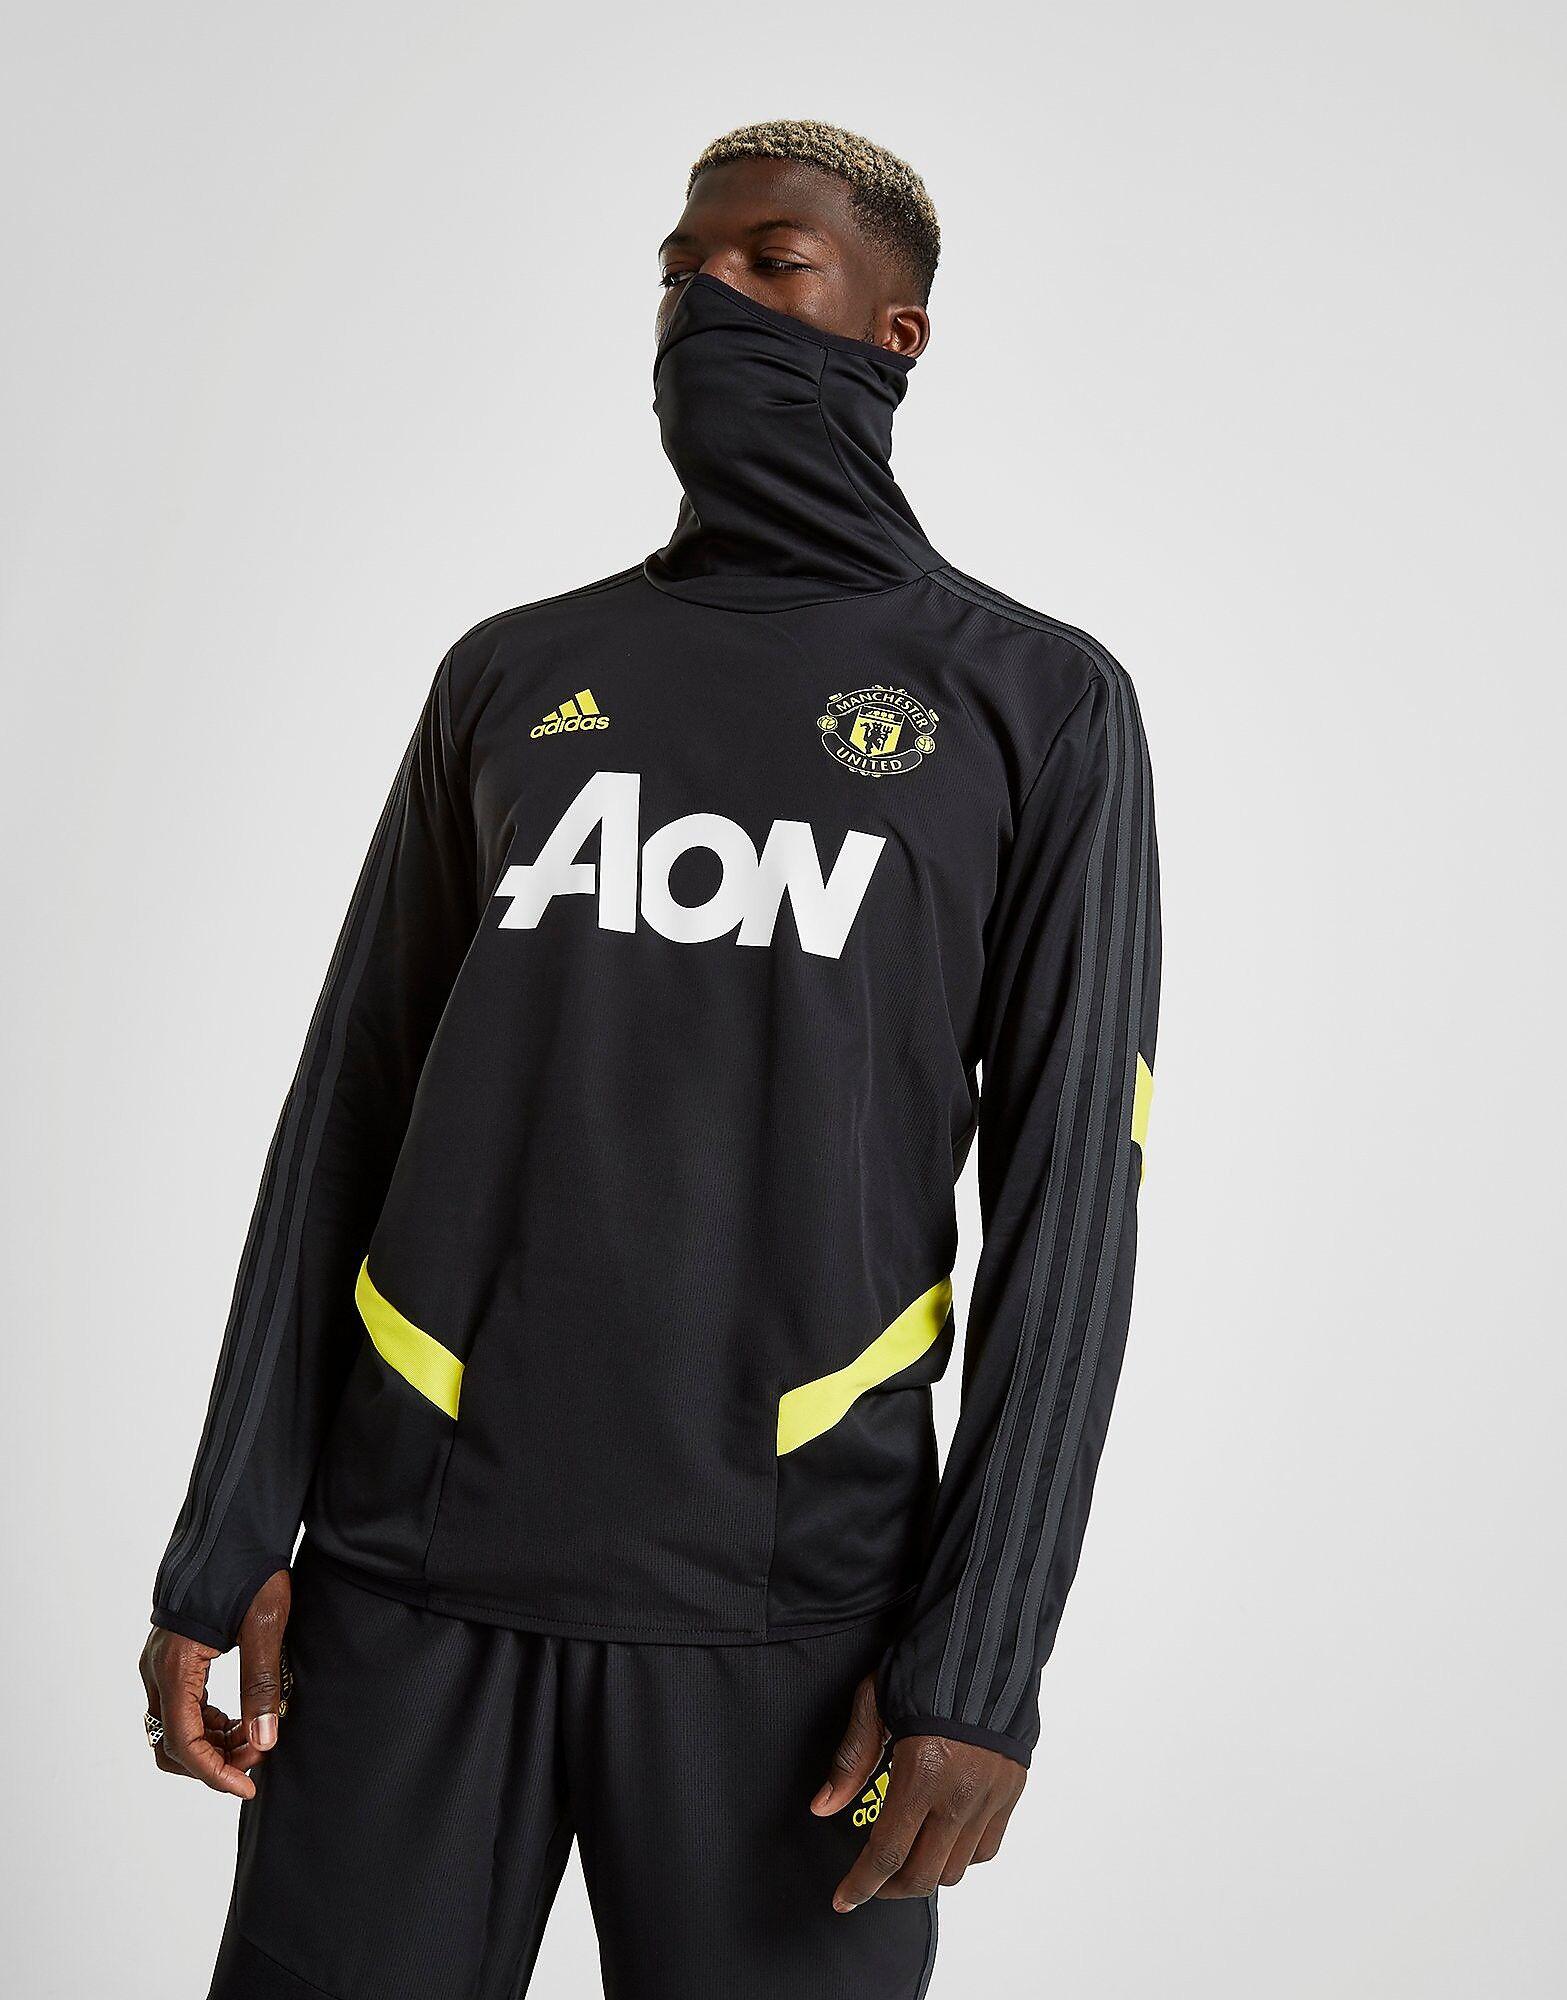 Image of Adidas Manchester United FC Lämpöpaita Miehet - Mens, Musta